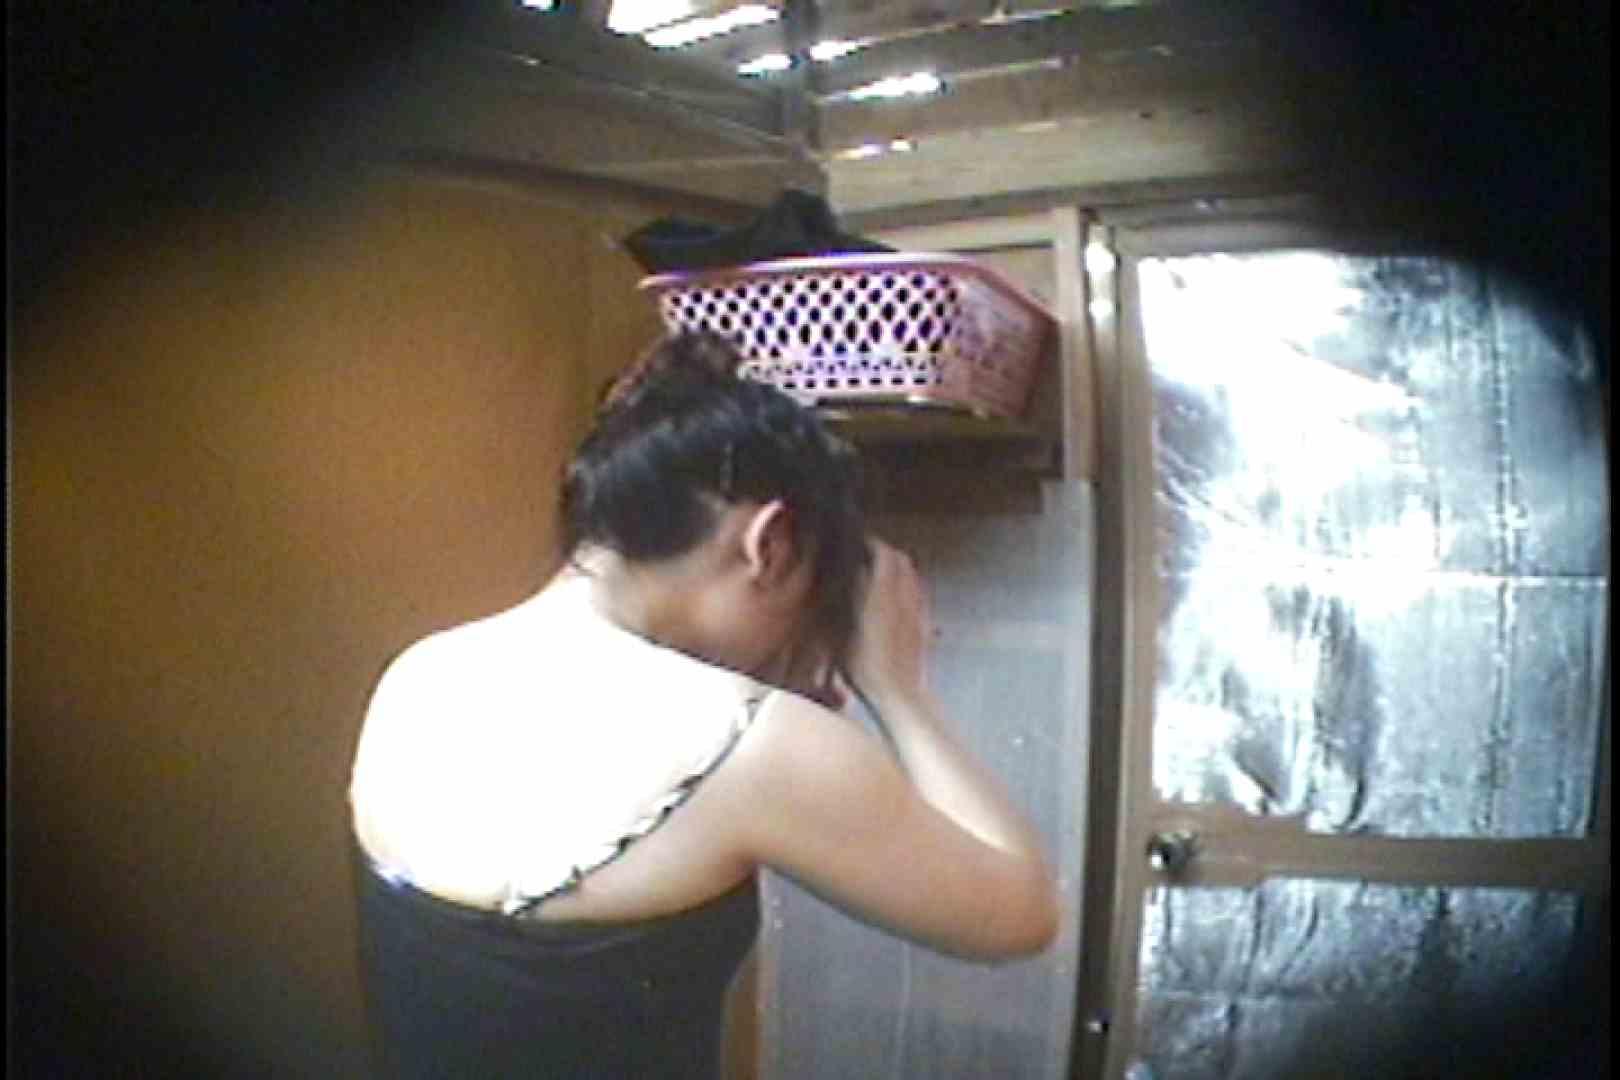 海の家の更衣室 Vol.37 シャワー オマンコ動画キャプチャ 107枚 82